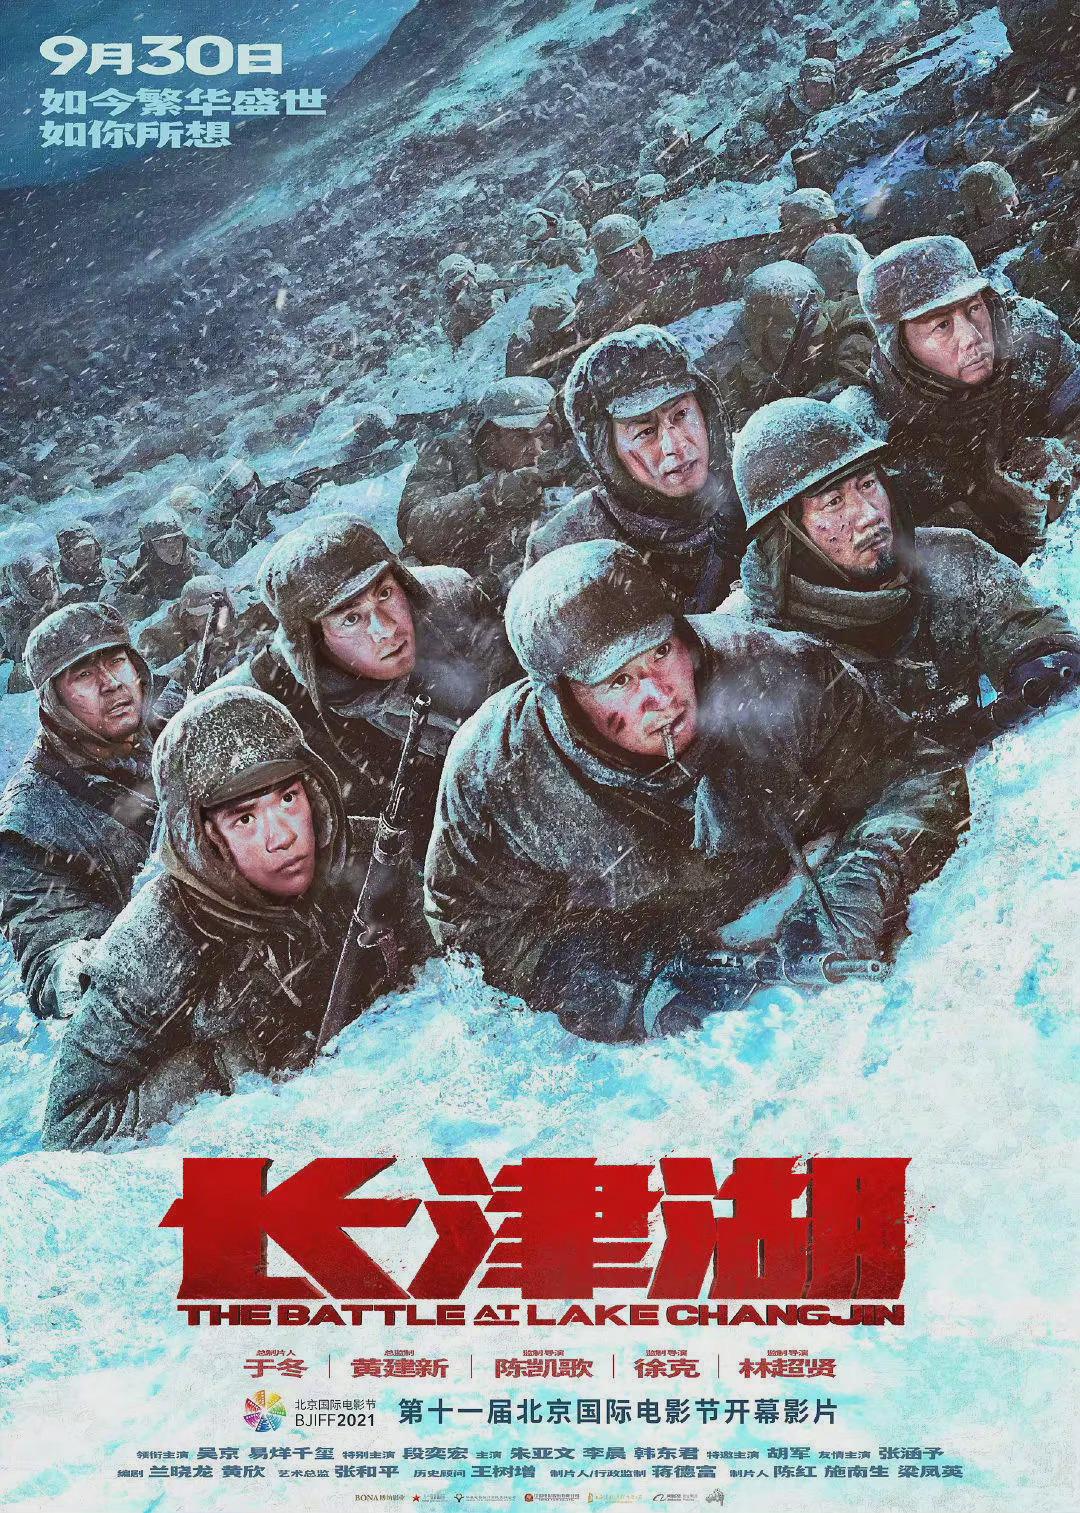 《长津湖》总票房超越复联4 成中国影史榜第6名